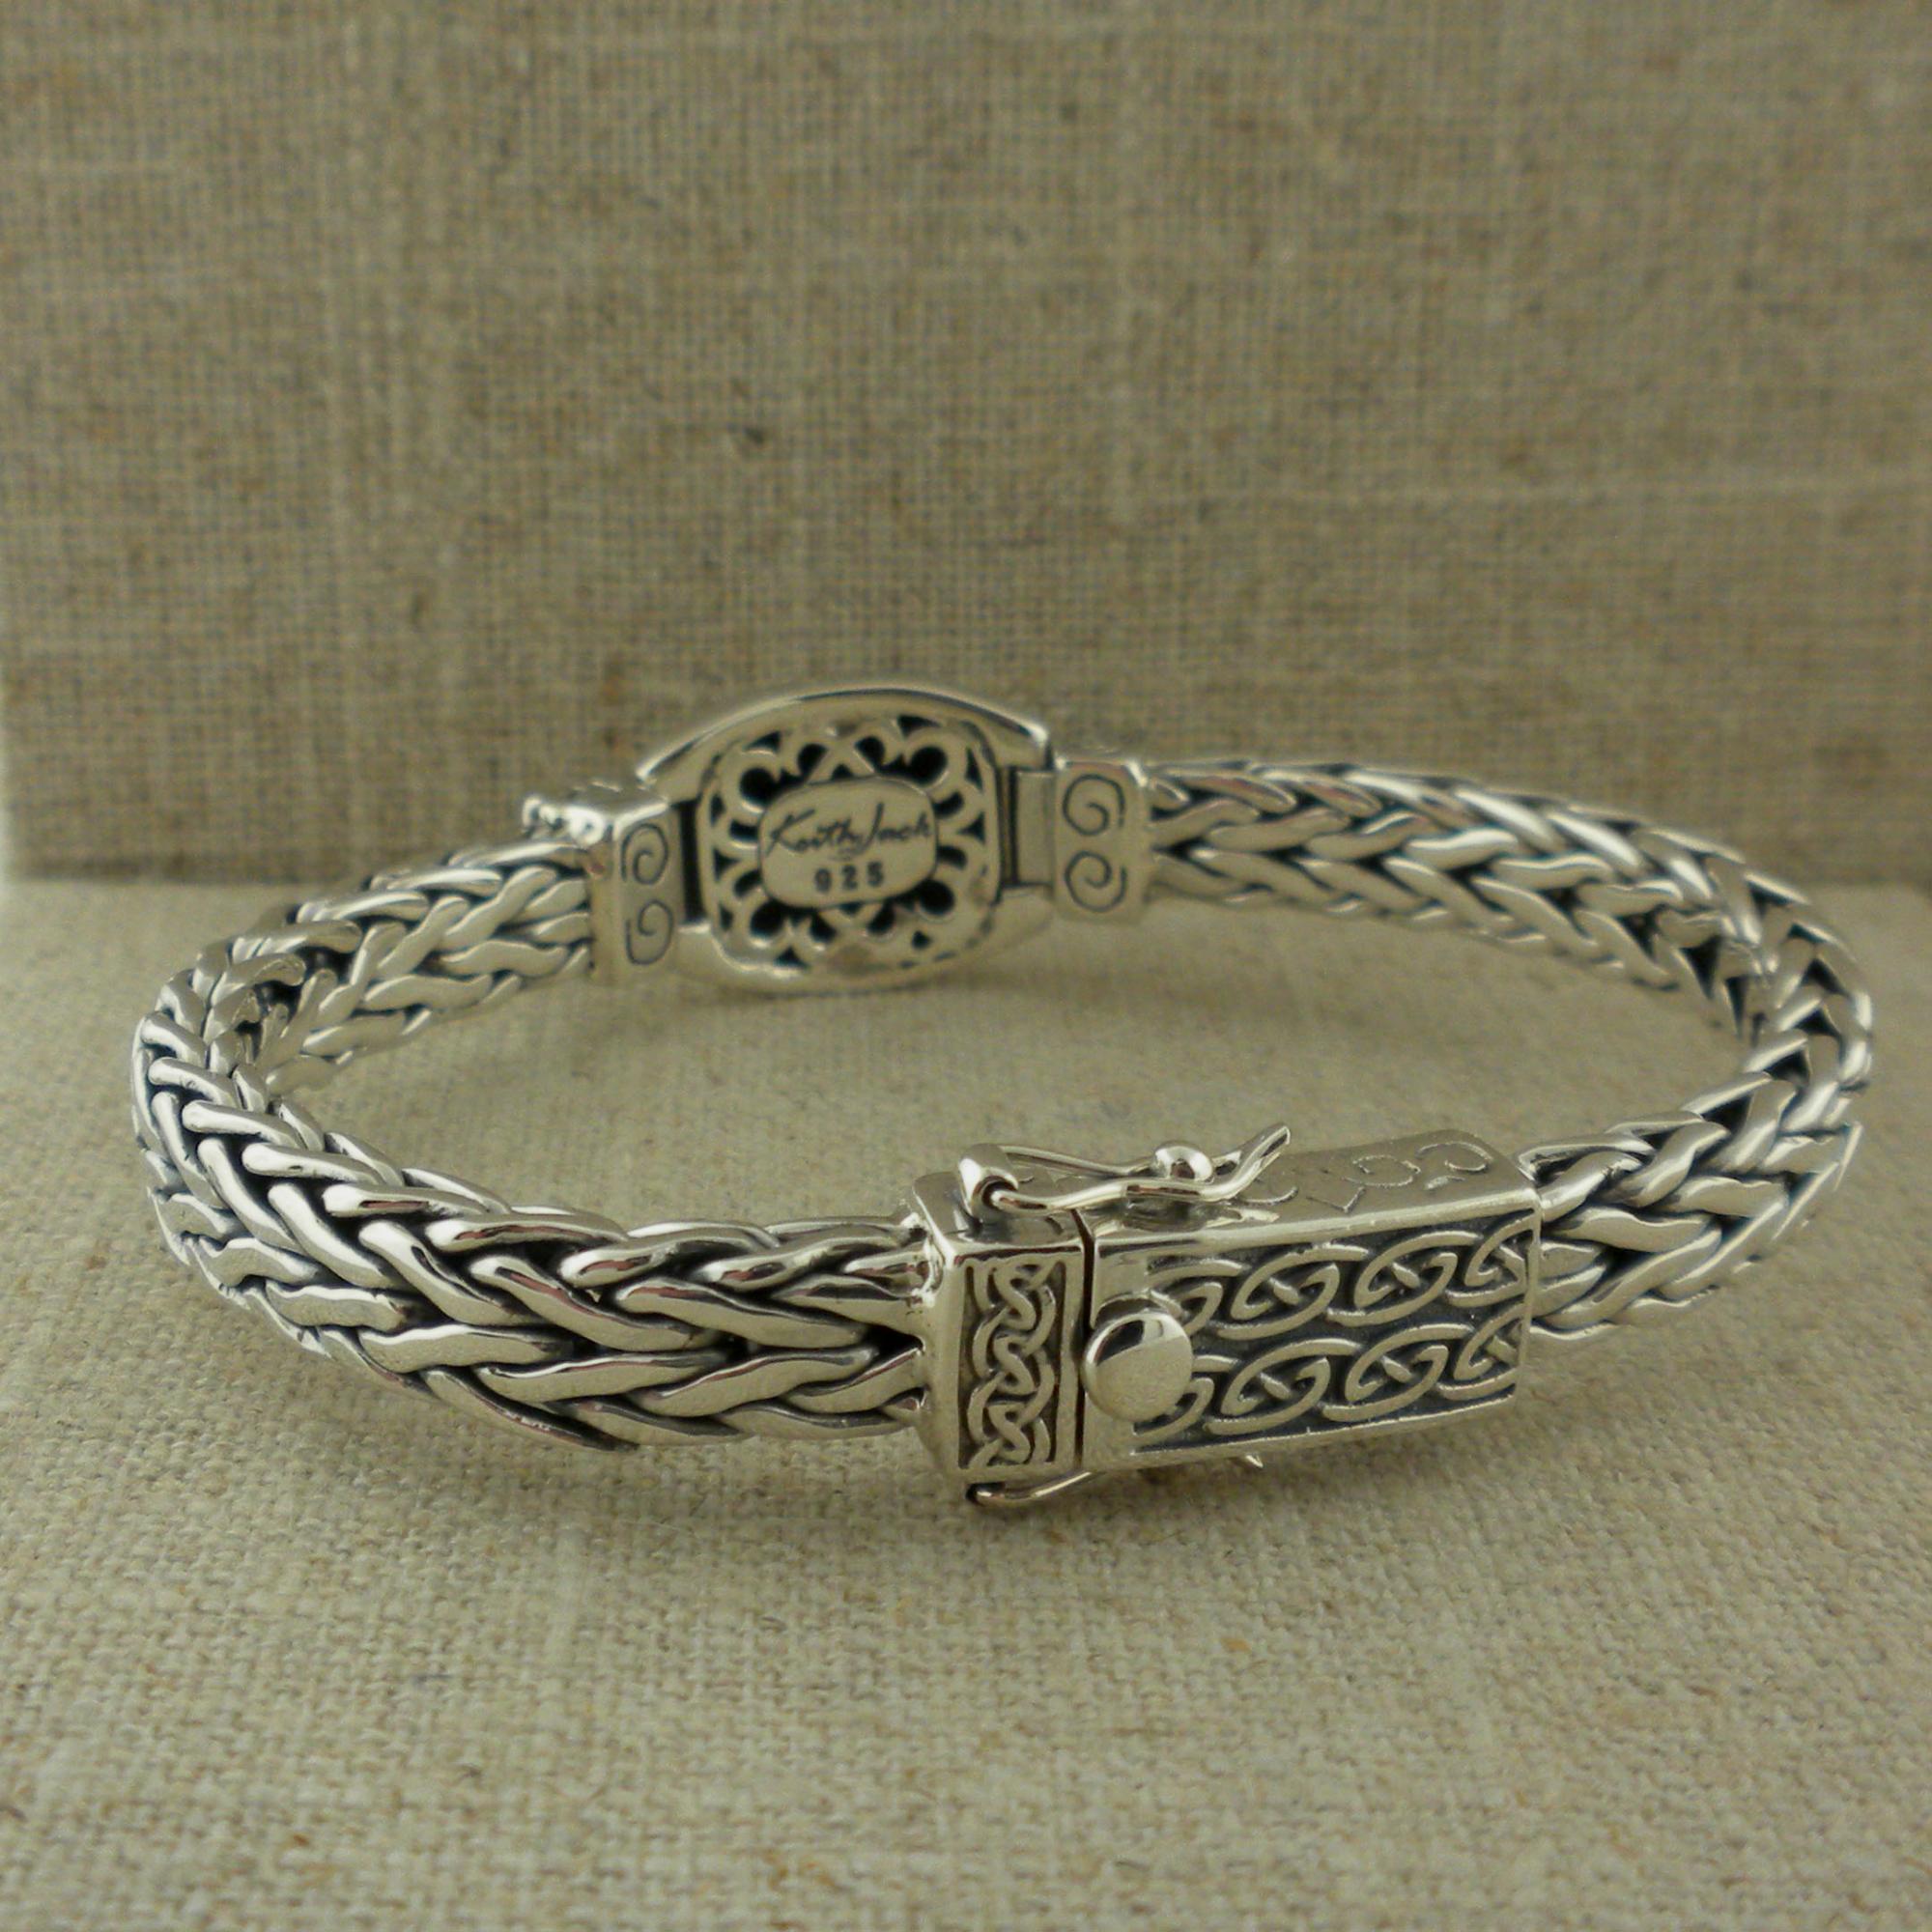 Keith Jack Scottish Rampant Hinged Bracelet